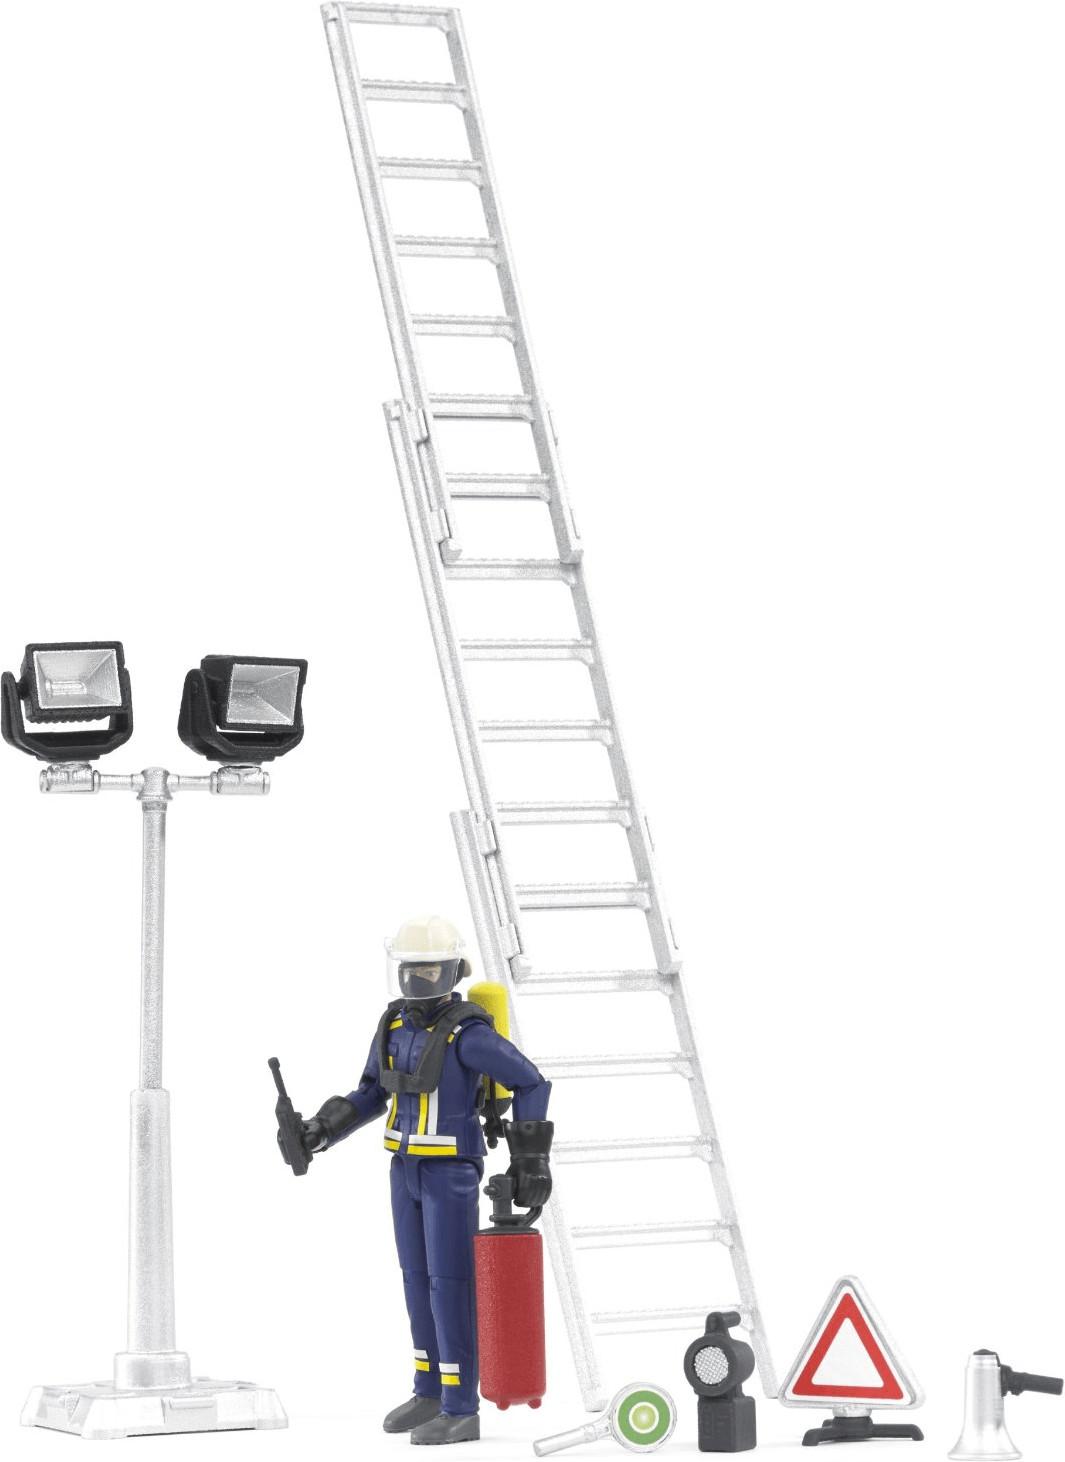 Bruder Feuerwehrmann mit Atemschutzausrüstung und Zubehör (62700)